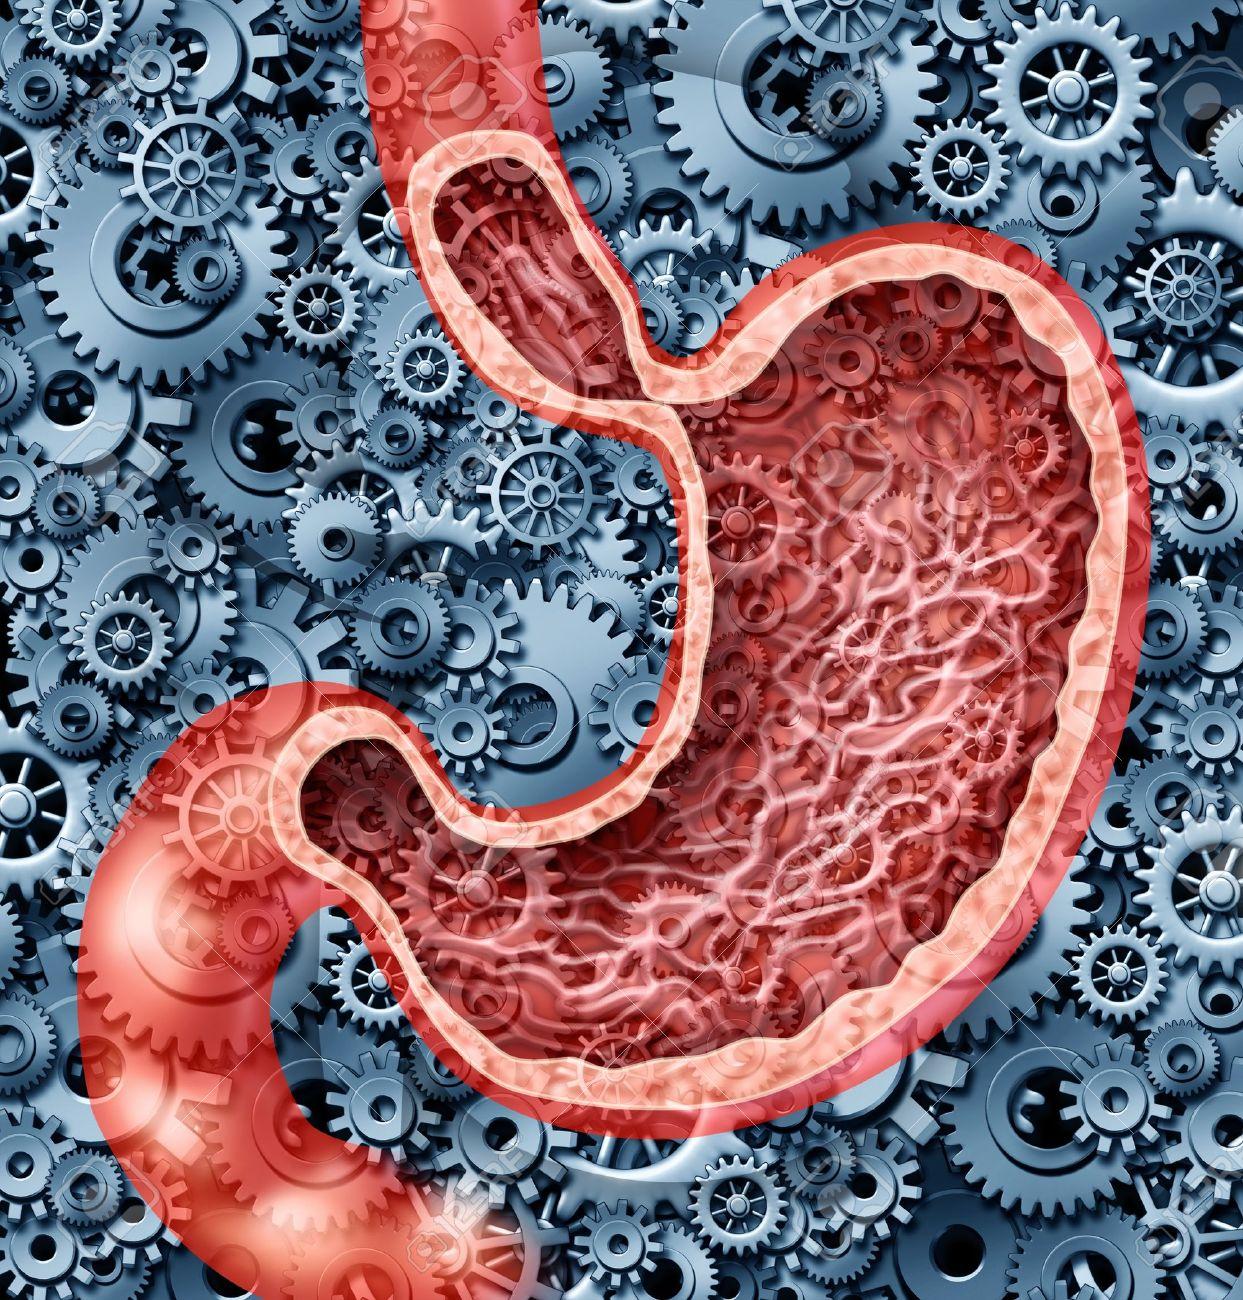 Función De La Digestión Humana Como Una Anatomía Del Estómago Del ...